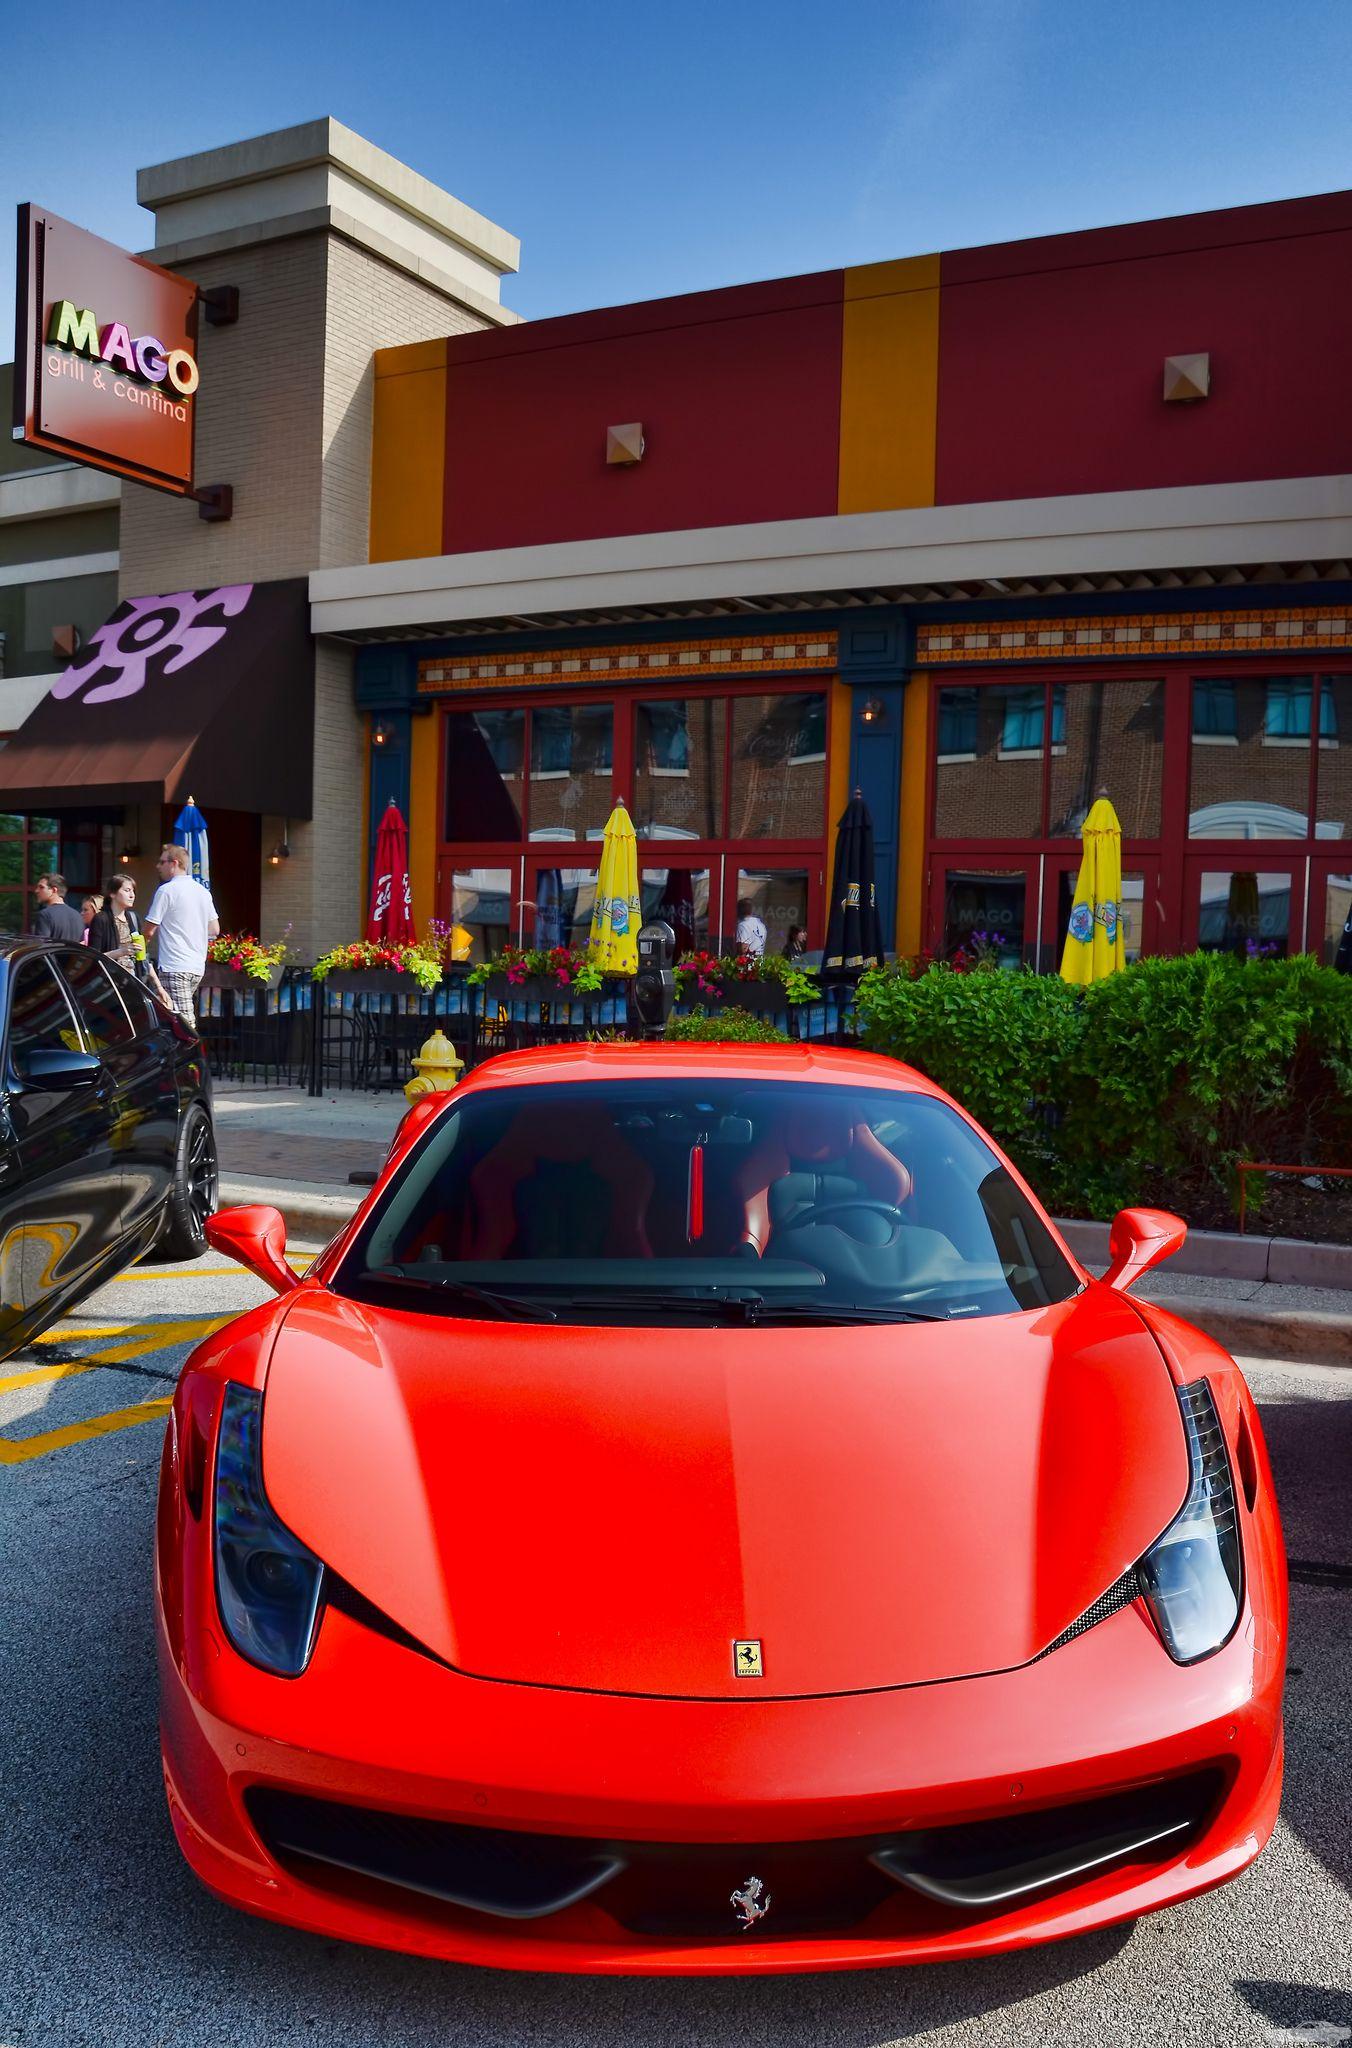 Top 10 Supercars 2015 Carhoots Super Cars Ferrari 458 Cars